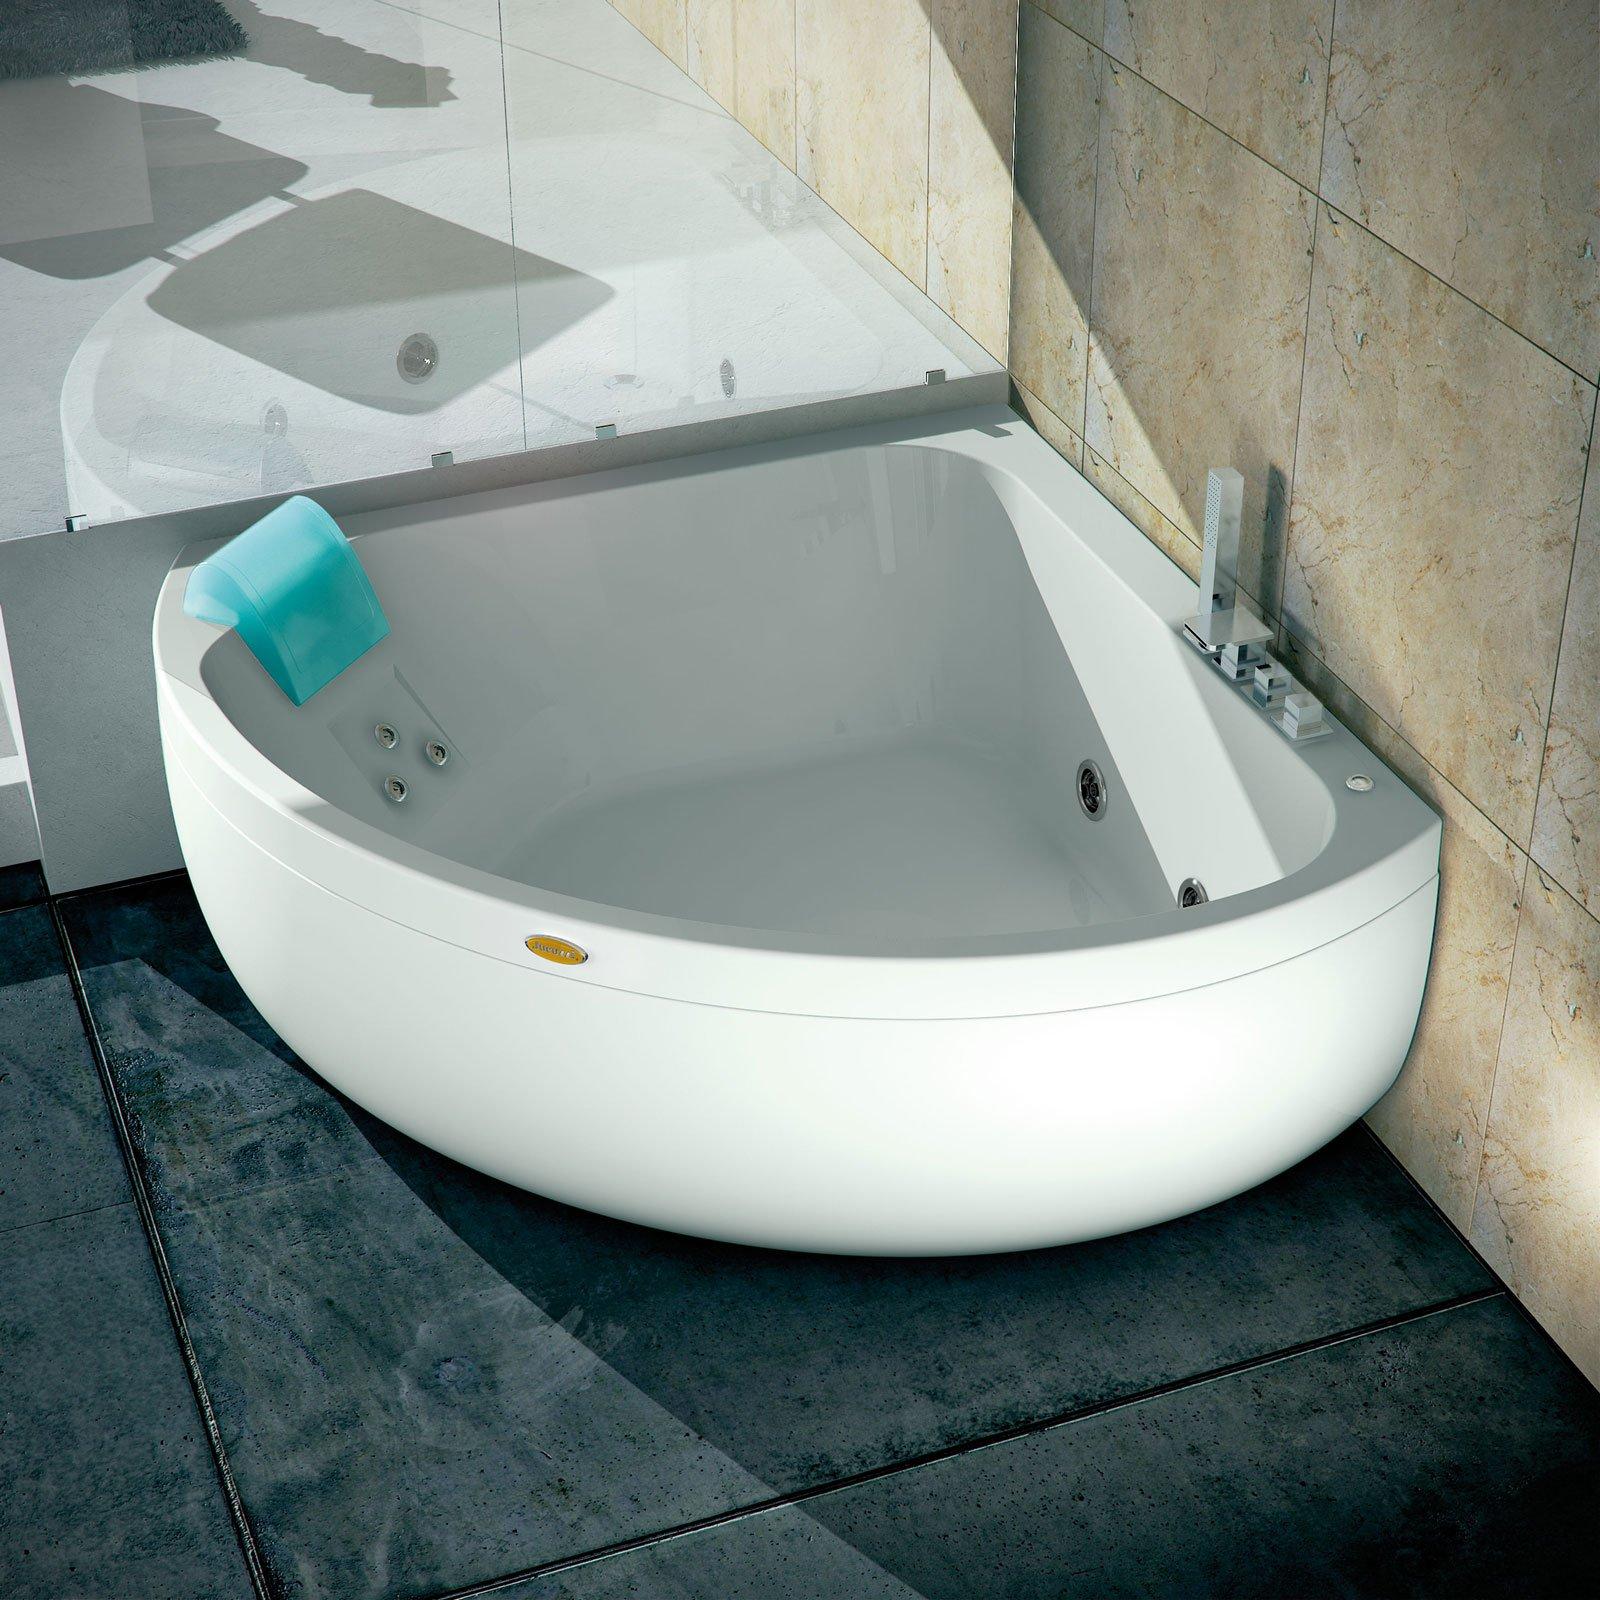 Vasche da bagno in acrilico leggere e antiscivolo hanno - Modelli di vasche da bagno ...